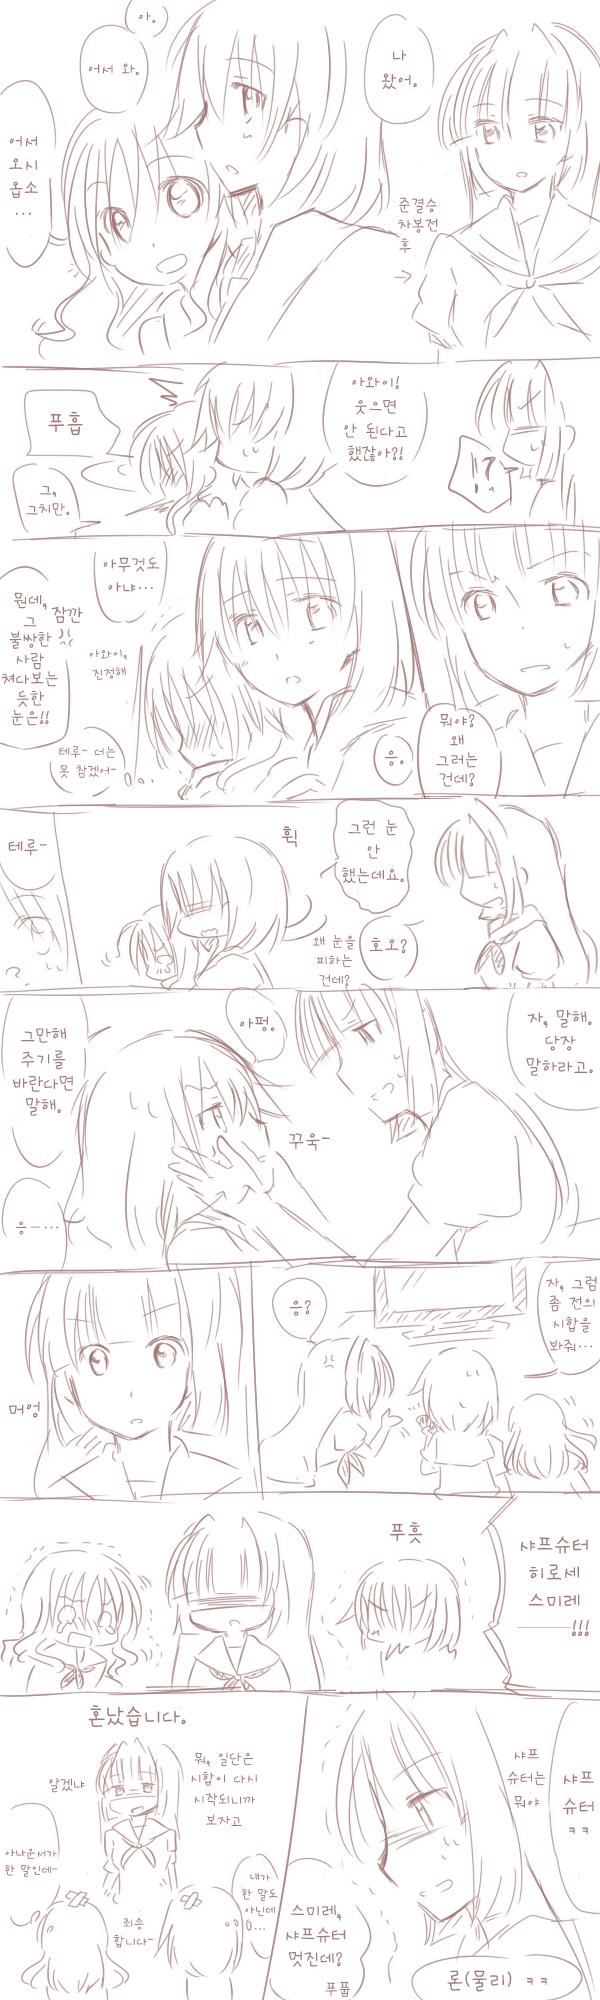 본격 부캡찌를 응원하는 번역